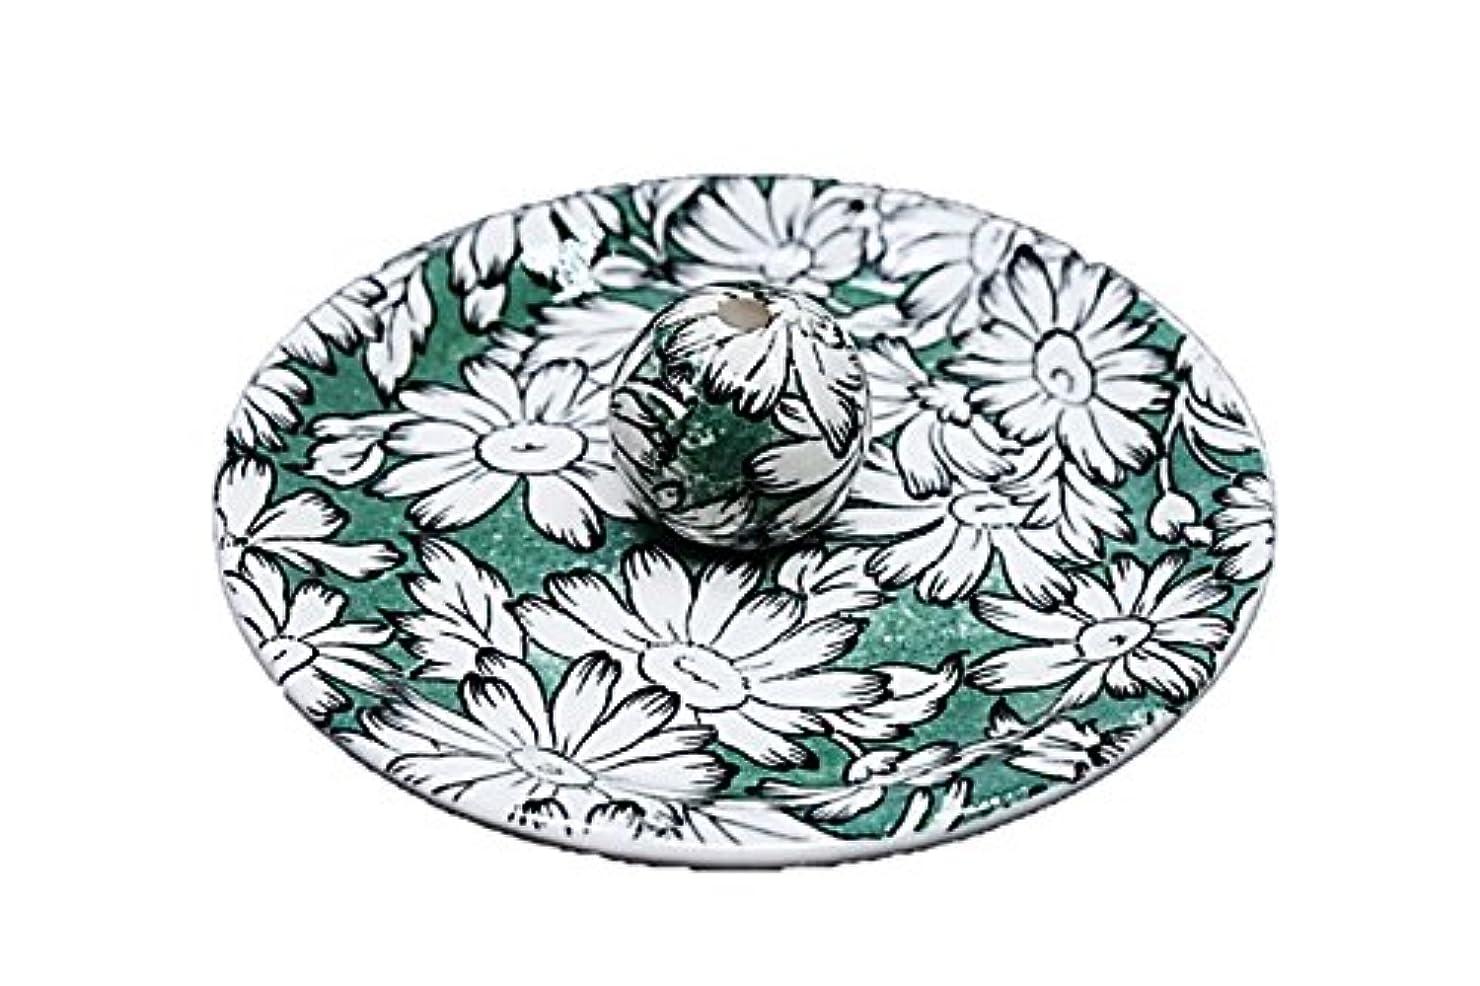 ストローカウンターパート加害者9-10 マーガレットグリーン 9cm香皿 お香立て お香たて 陶器 日本製 製造?直売品